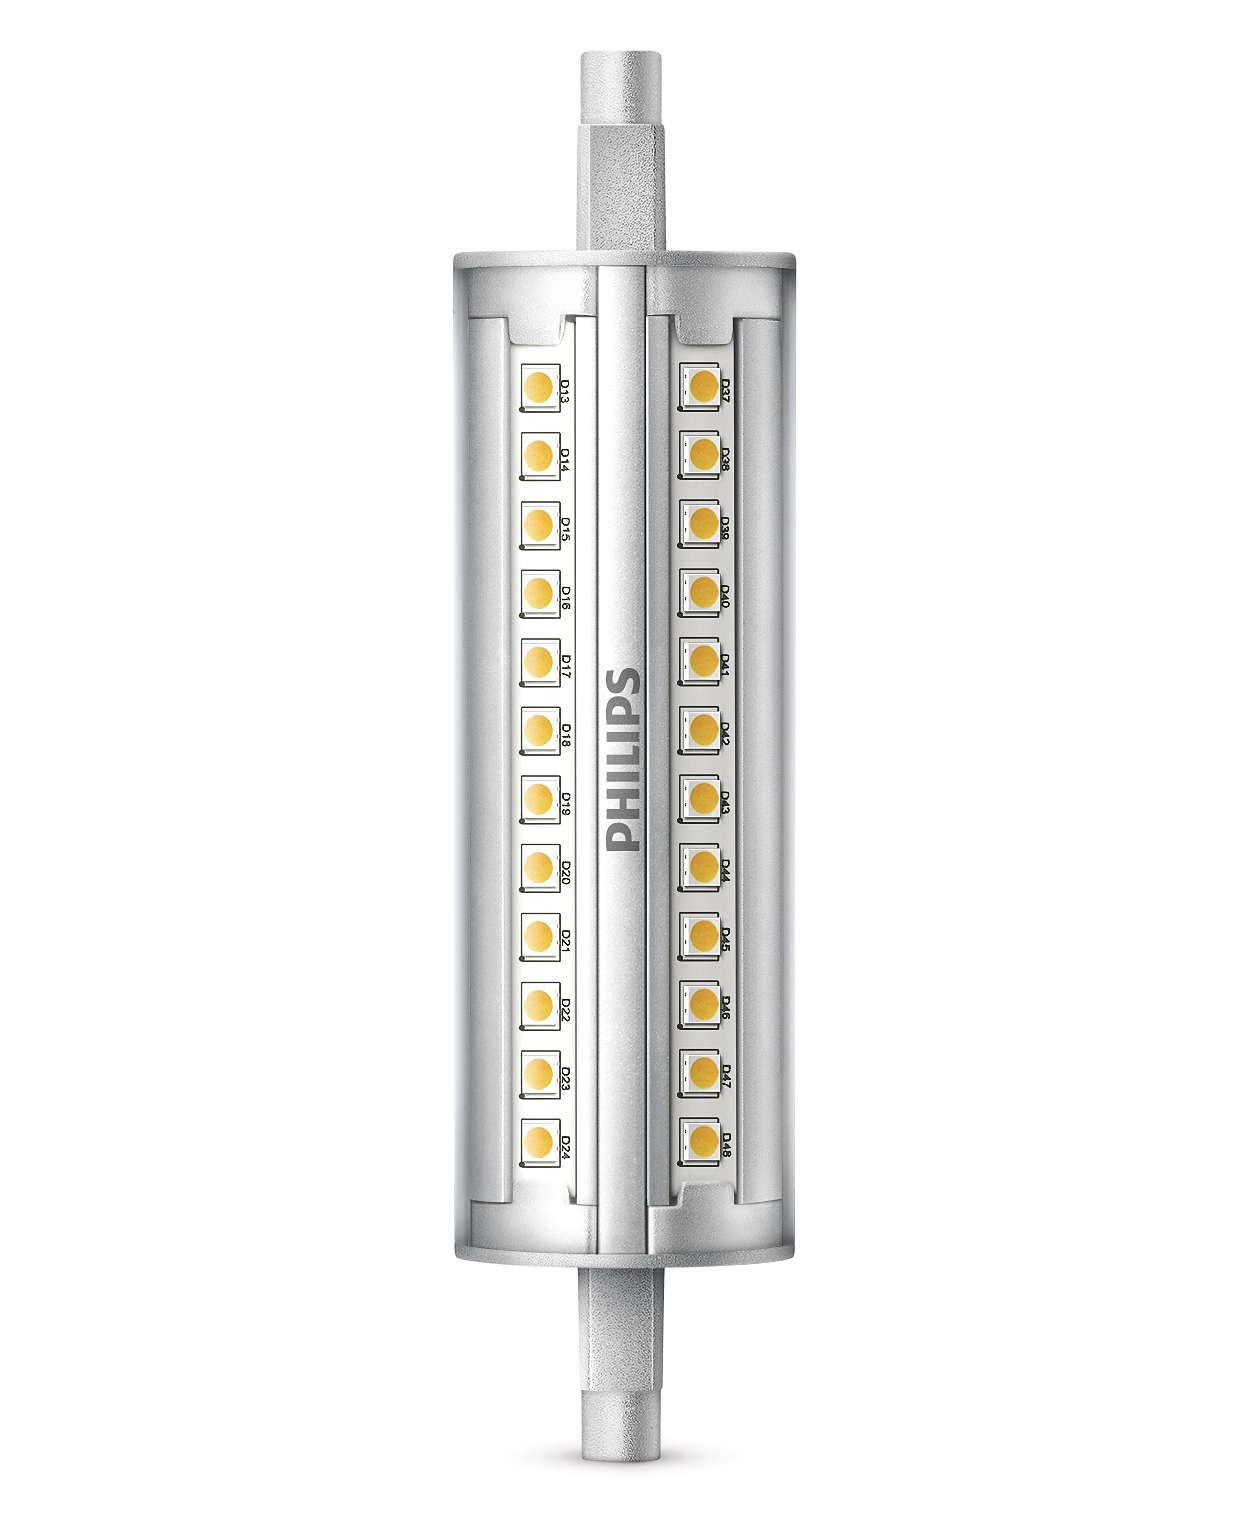 Stmívatelné lineární světlo LED s300stupňovým paprskem